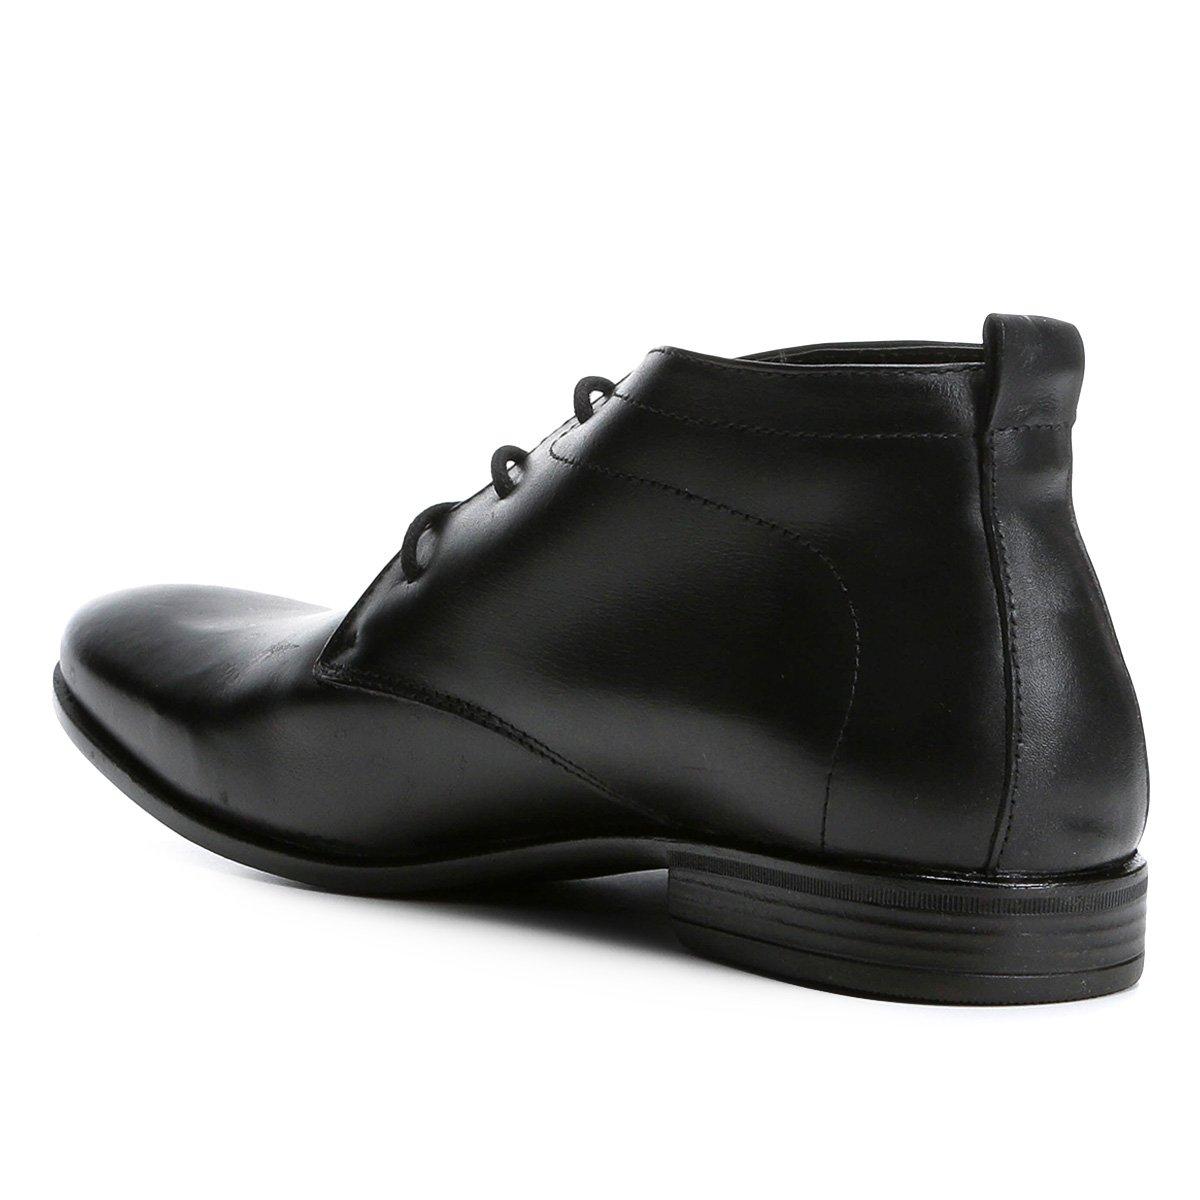 Cano Social Walkabout Sapato Básico Masculino Couro Alto Sapato Social Preto wq6XSx6E